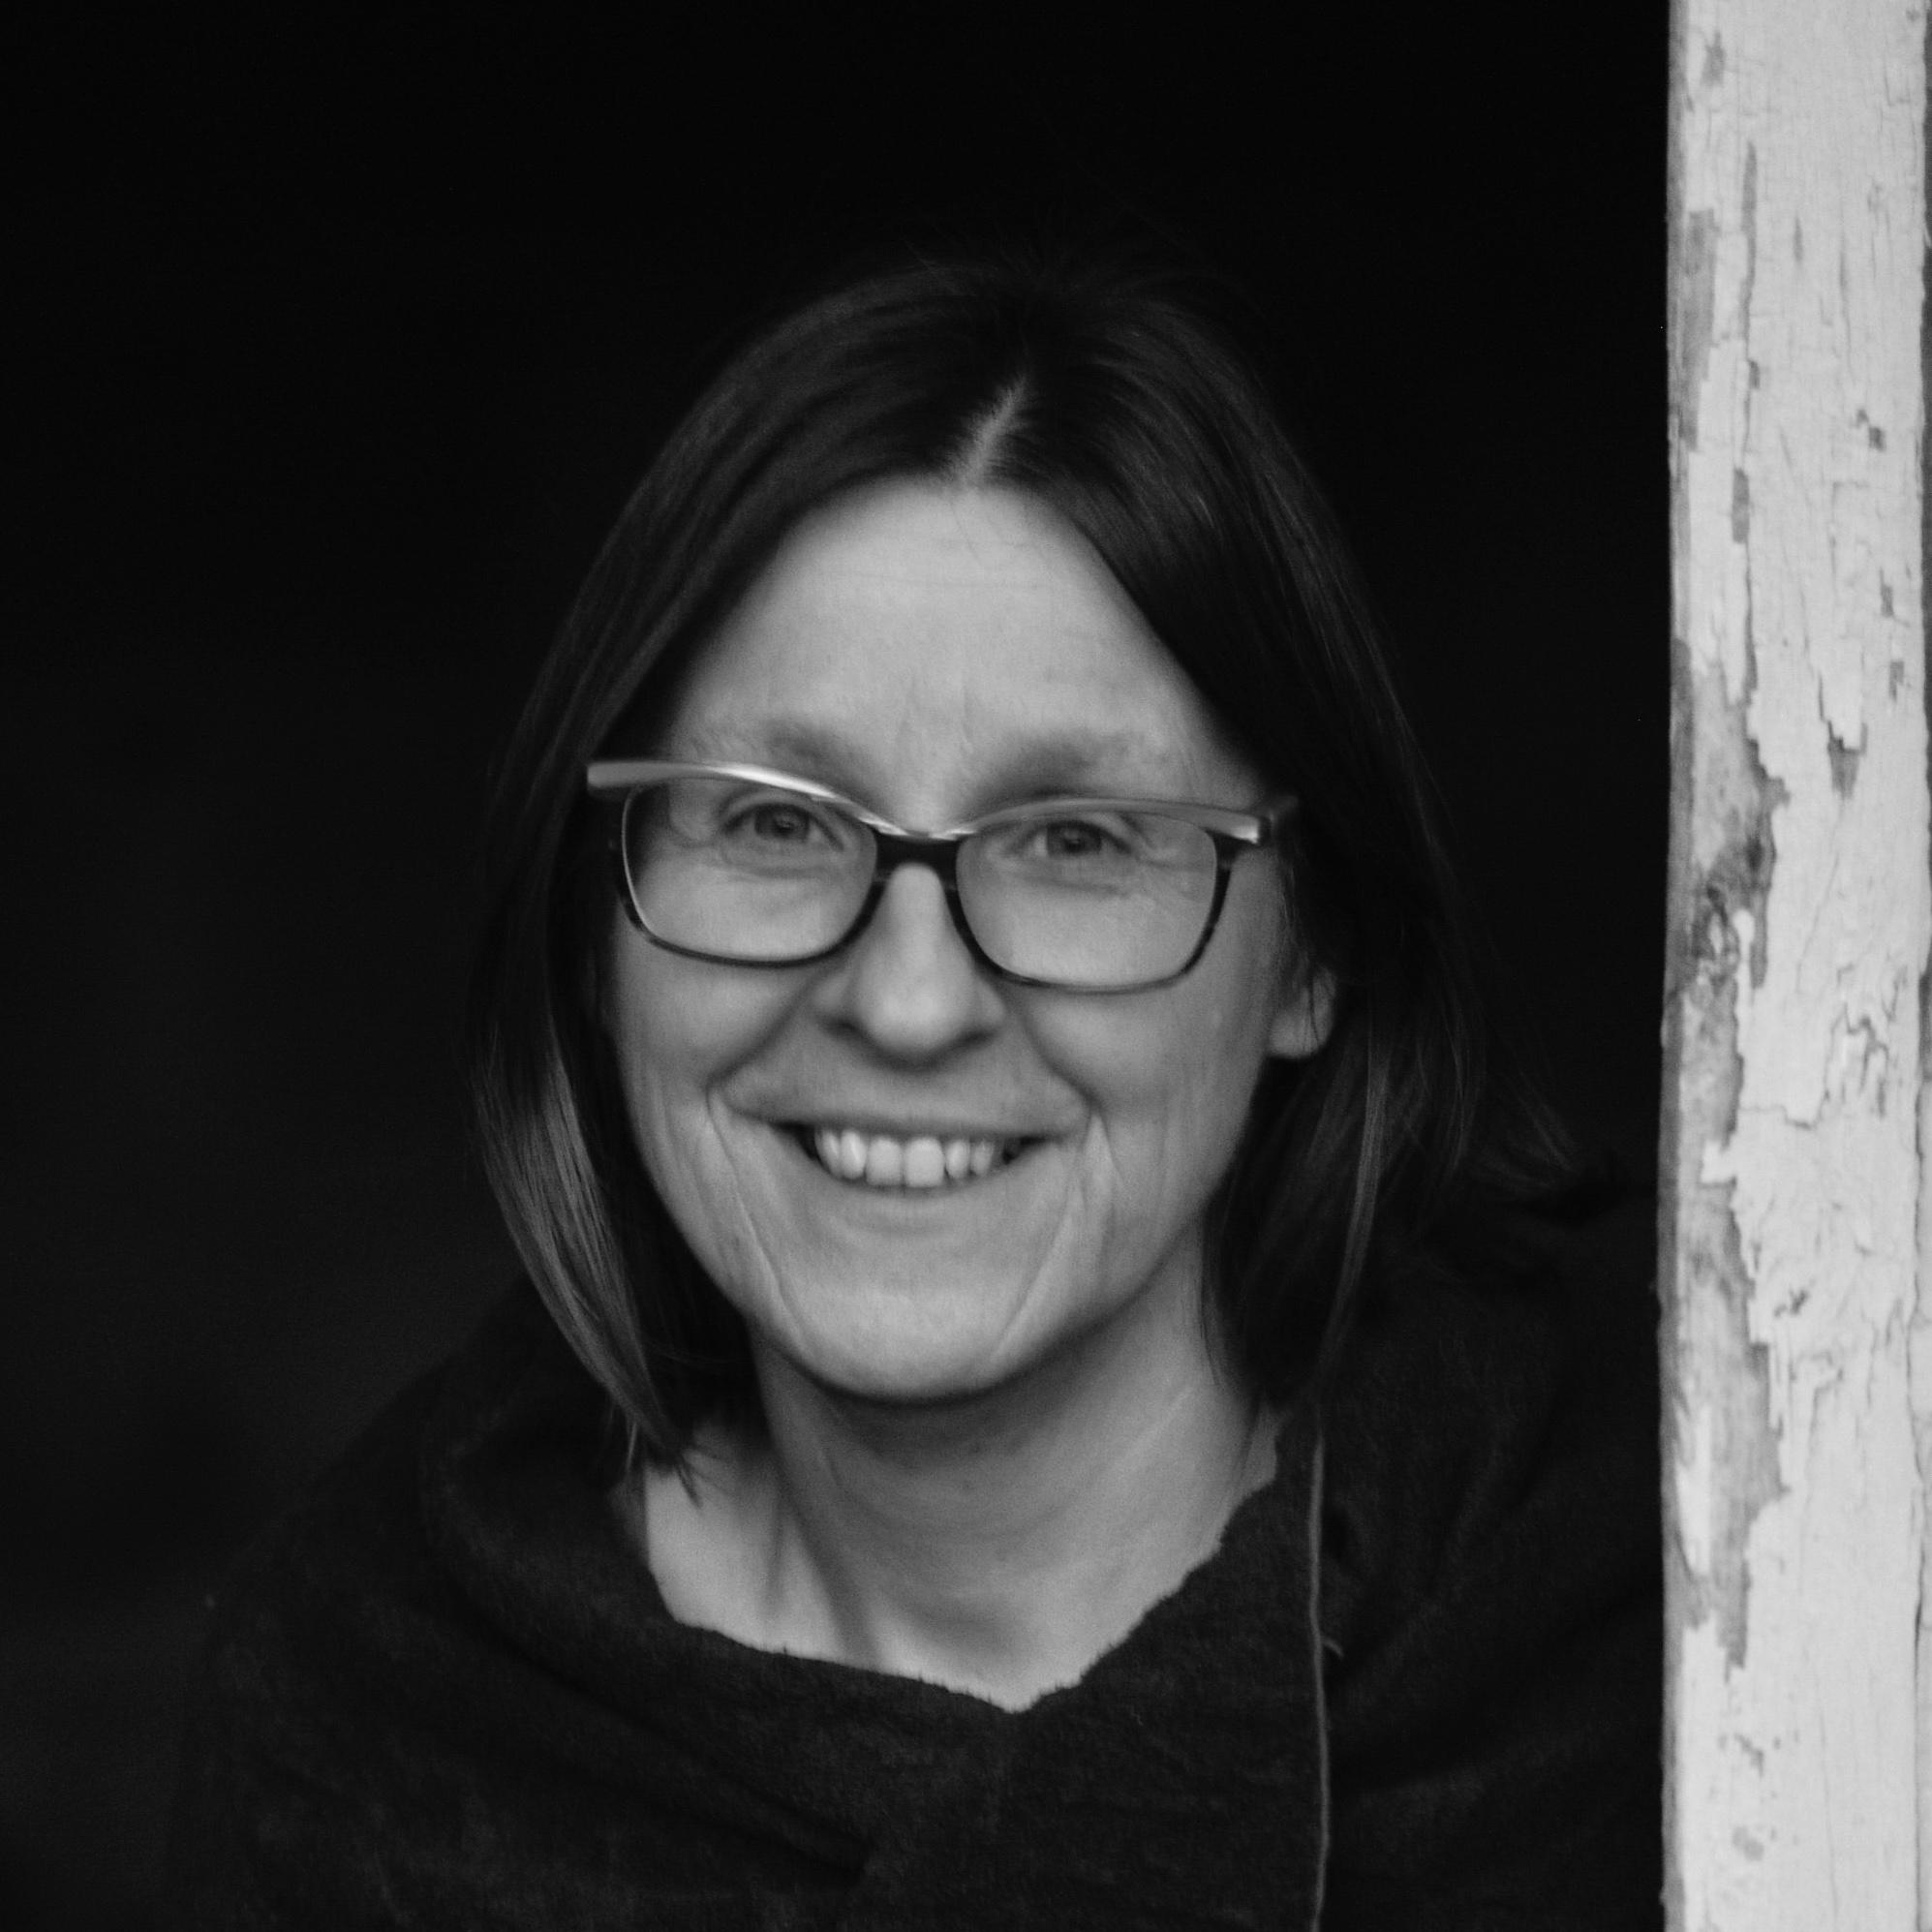 Anne Krieg